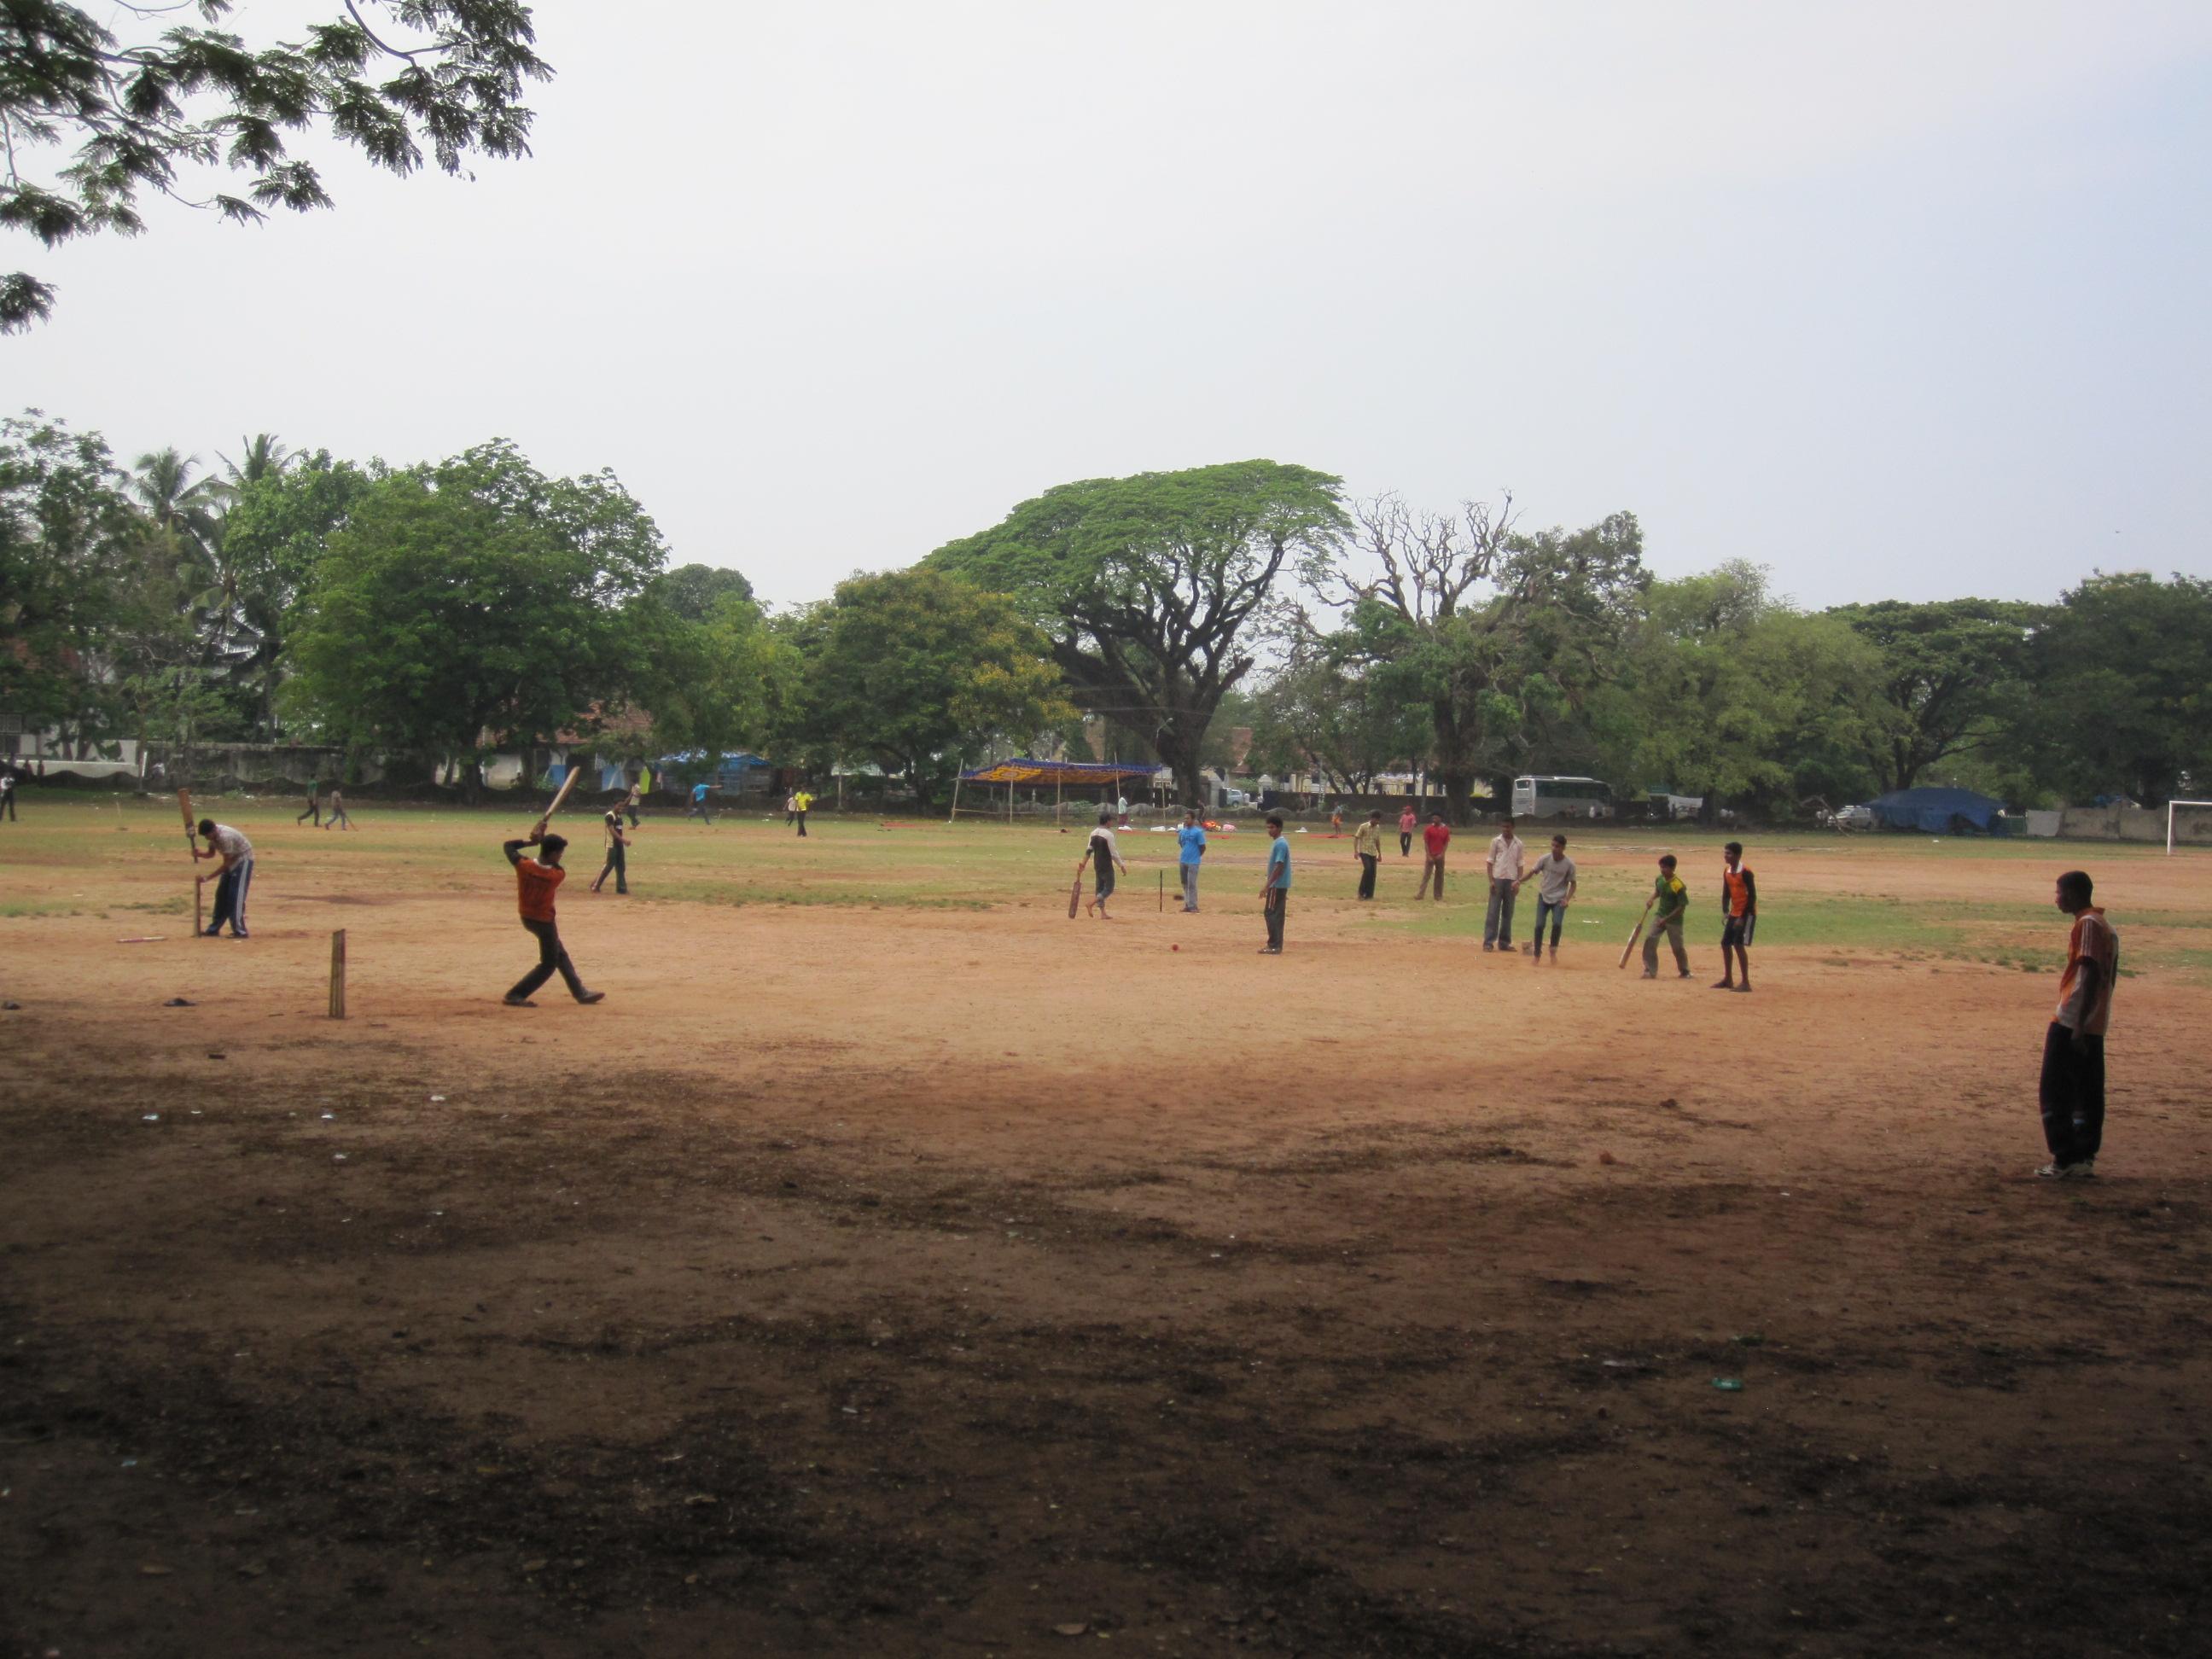 Cricket-mania